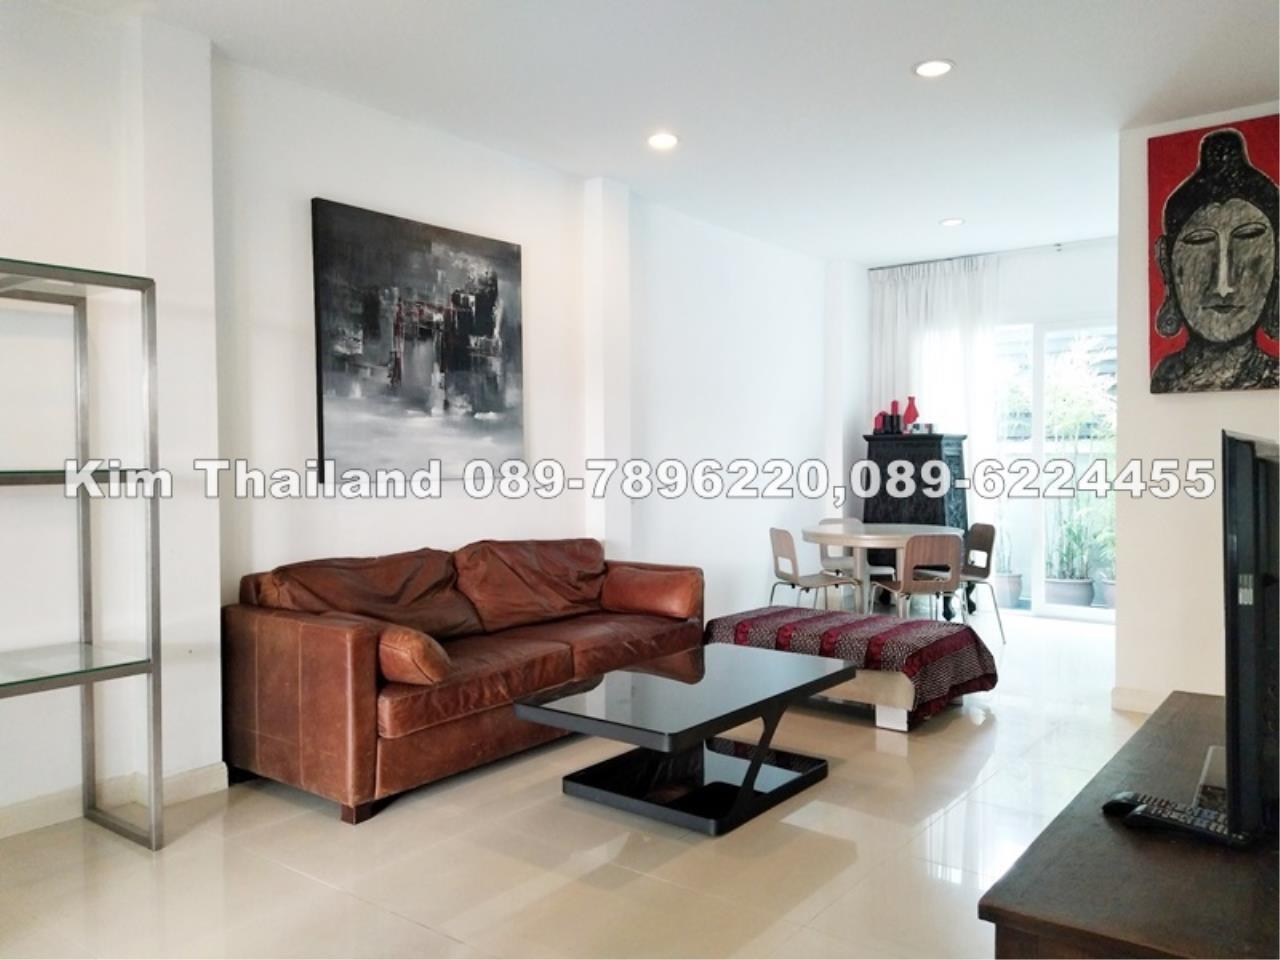 ขายทาวน์โฮม 3 ชั้น บ้านกลางเมือง เอส-เซ้นส์ พระรามเก้า-ลาดพร้าว 28 ตรว. 3 ห้องนอน ขาย 8.9 ล้านบาท